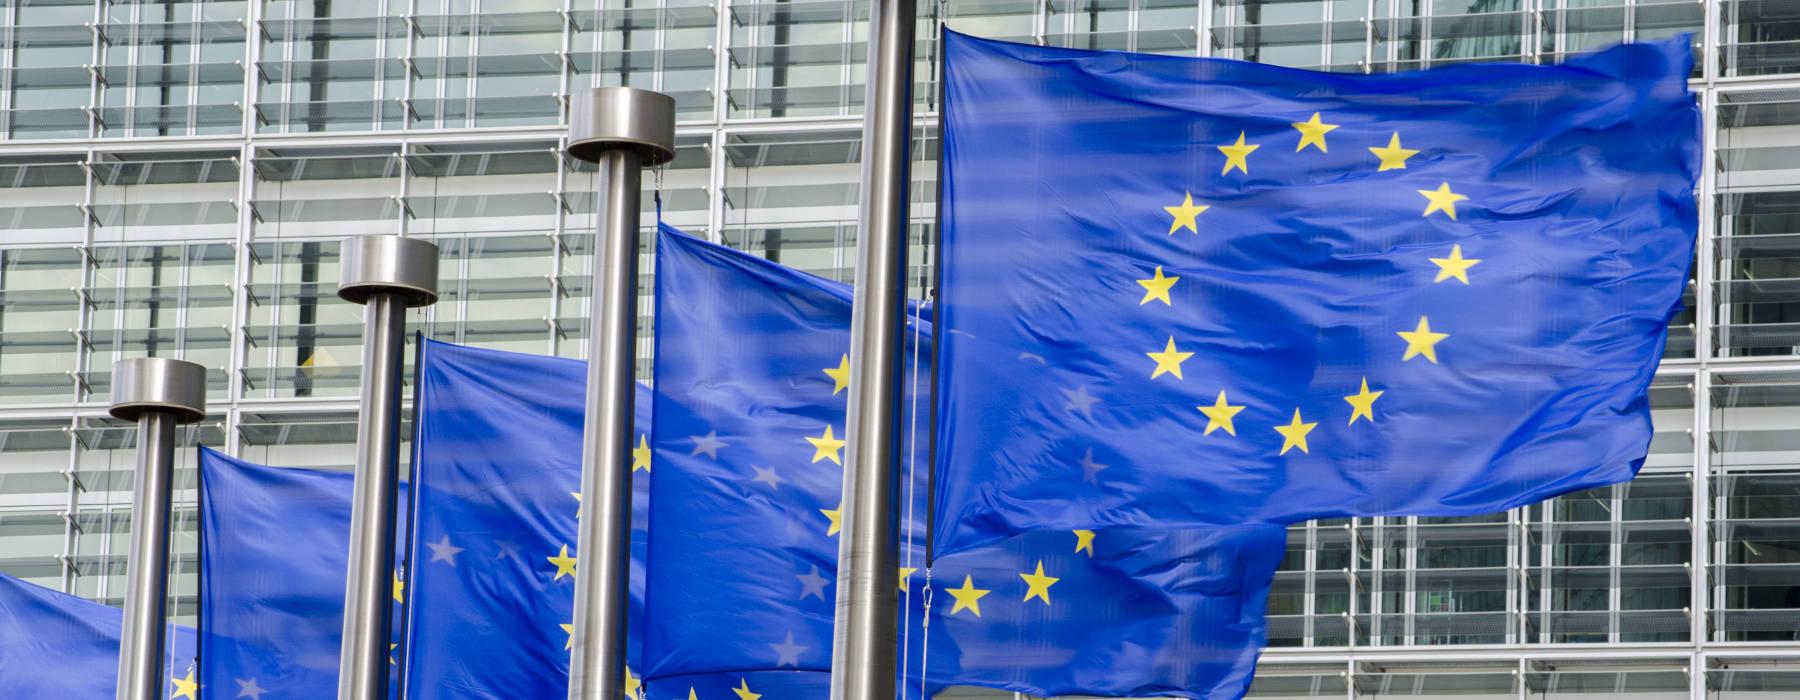 Nijs FNP - Europa - Flagen Brussel